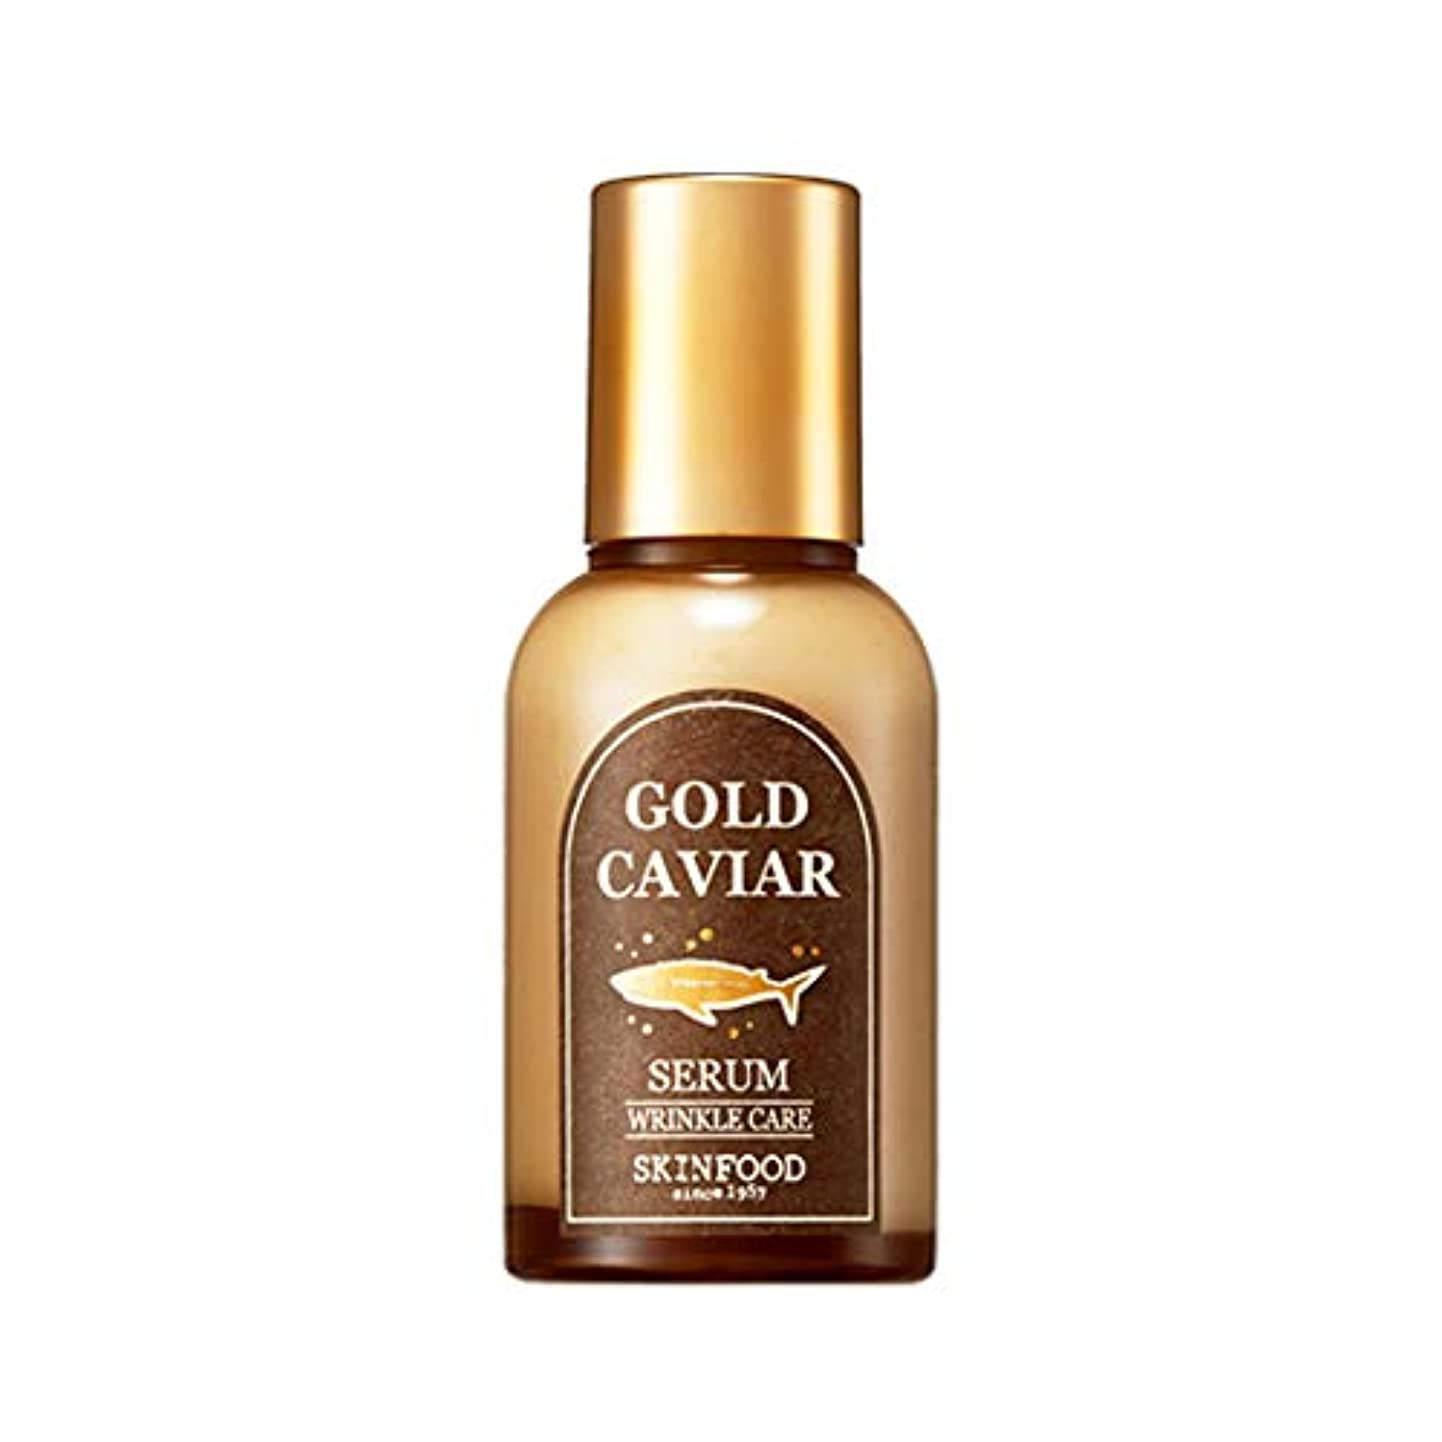 一節レビュアーのヒープSkinfood Gold Caviar Serum [Cosmeceutical for wrinkle care] /ゴールドキャビアセラム[しわケア用化粧品]/50ml [並行輸入品]